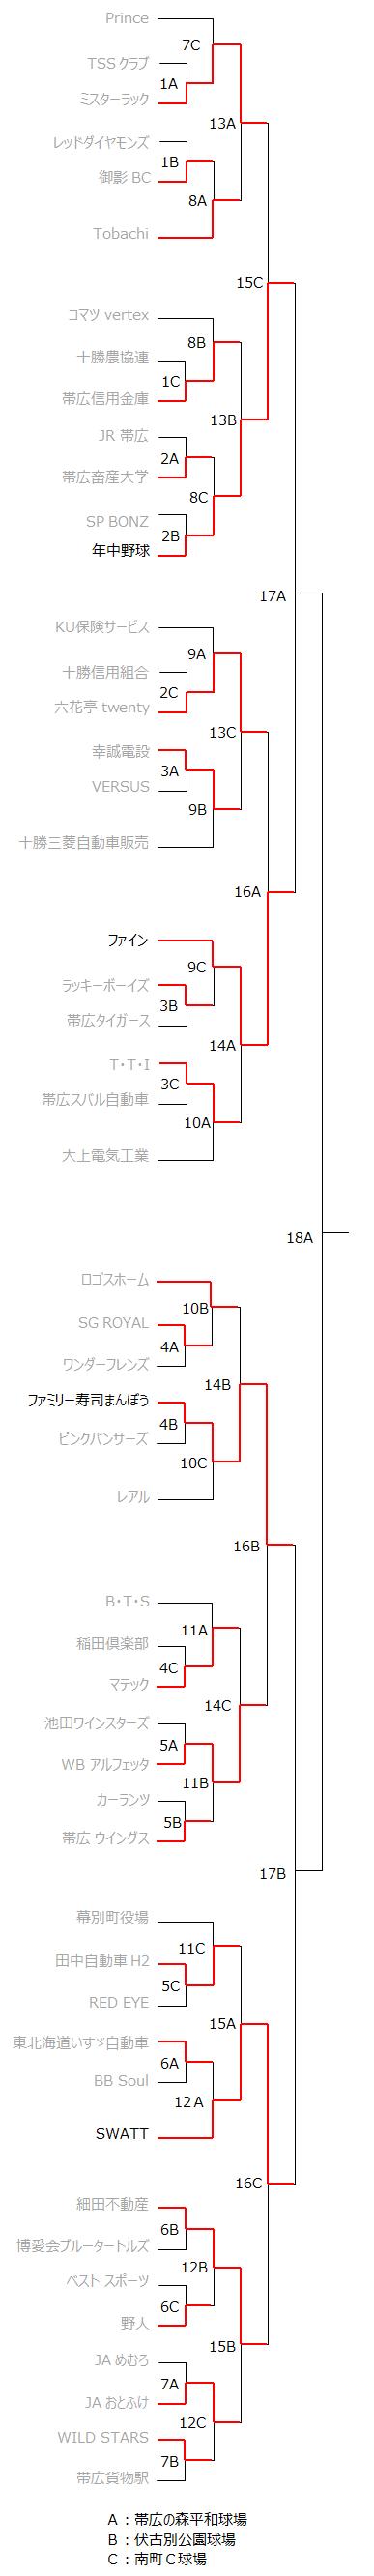 朝野球 第13回丸山杯 トーナメント表